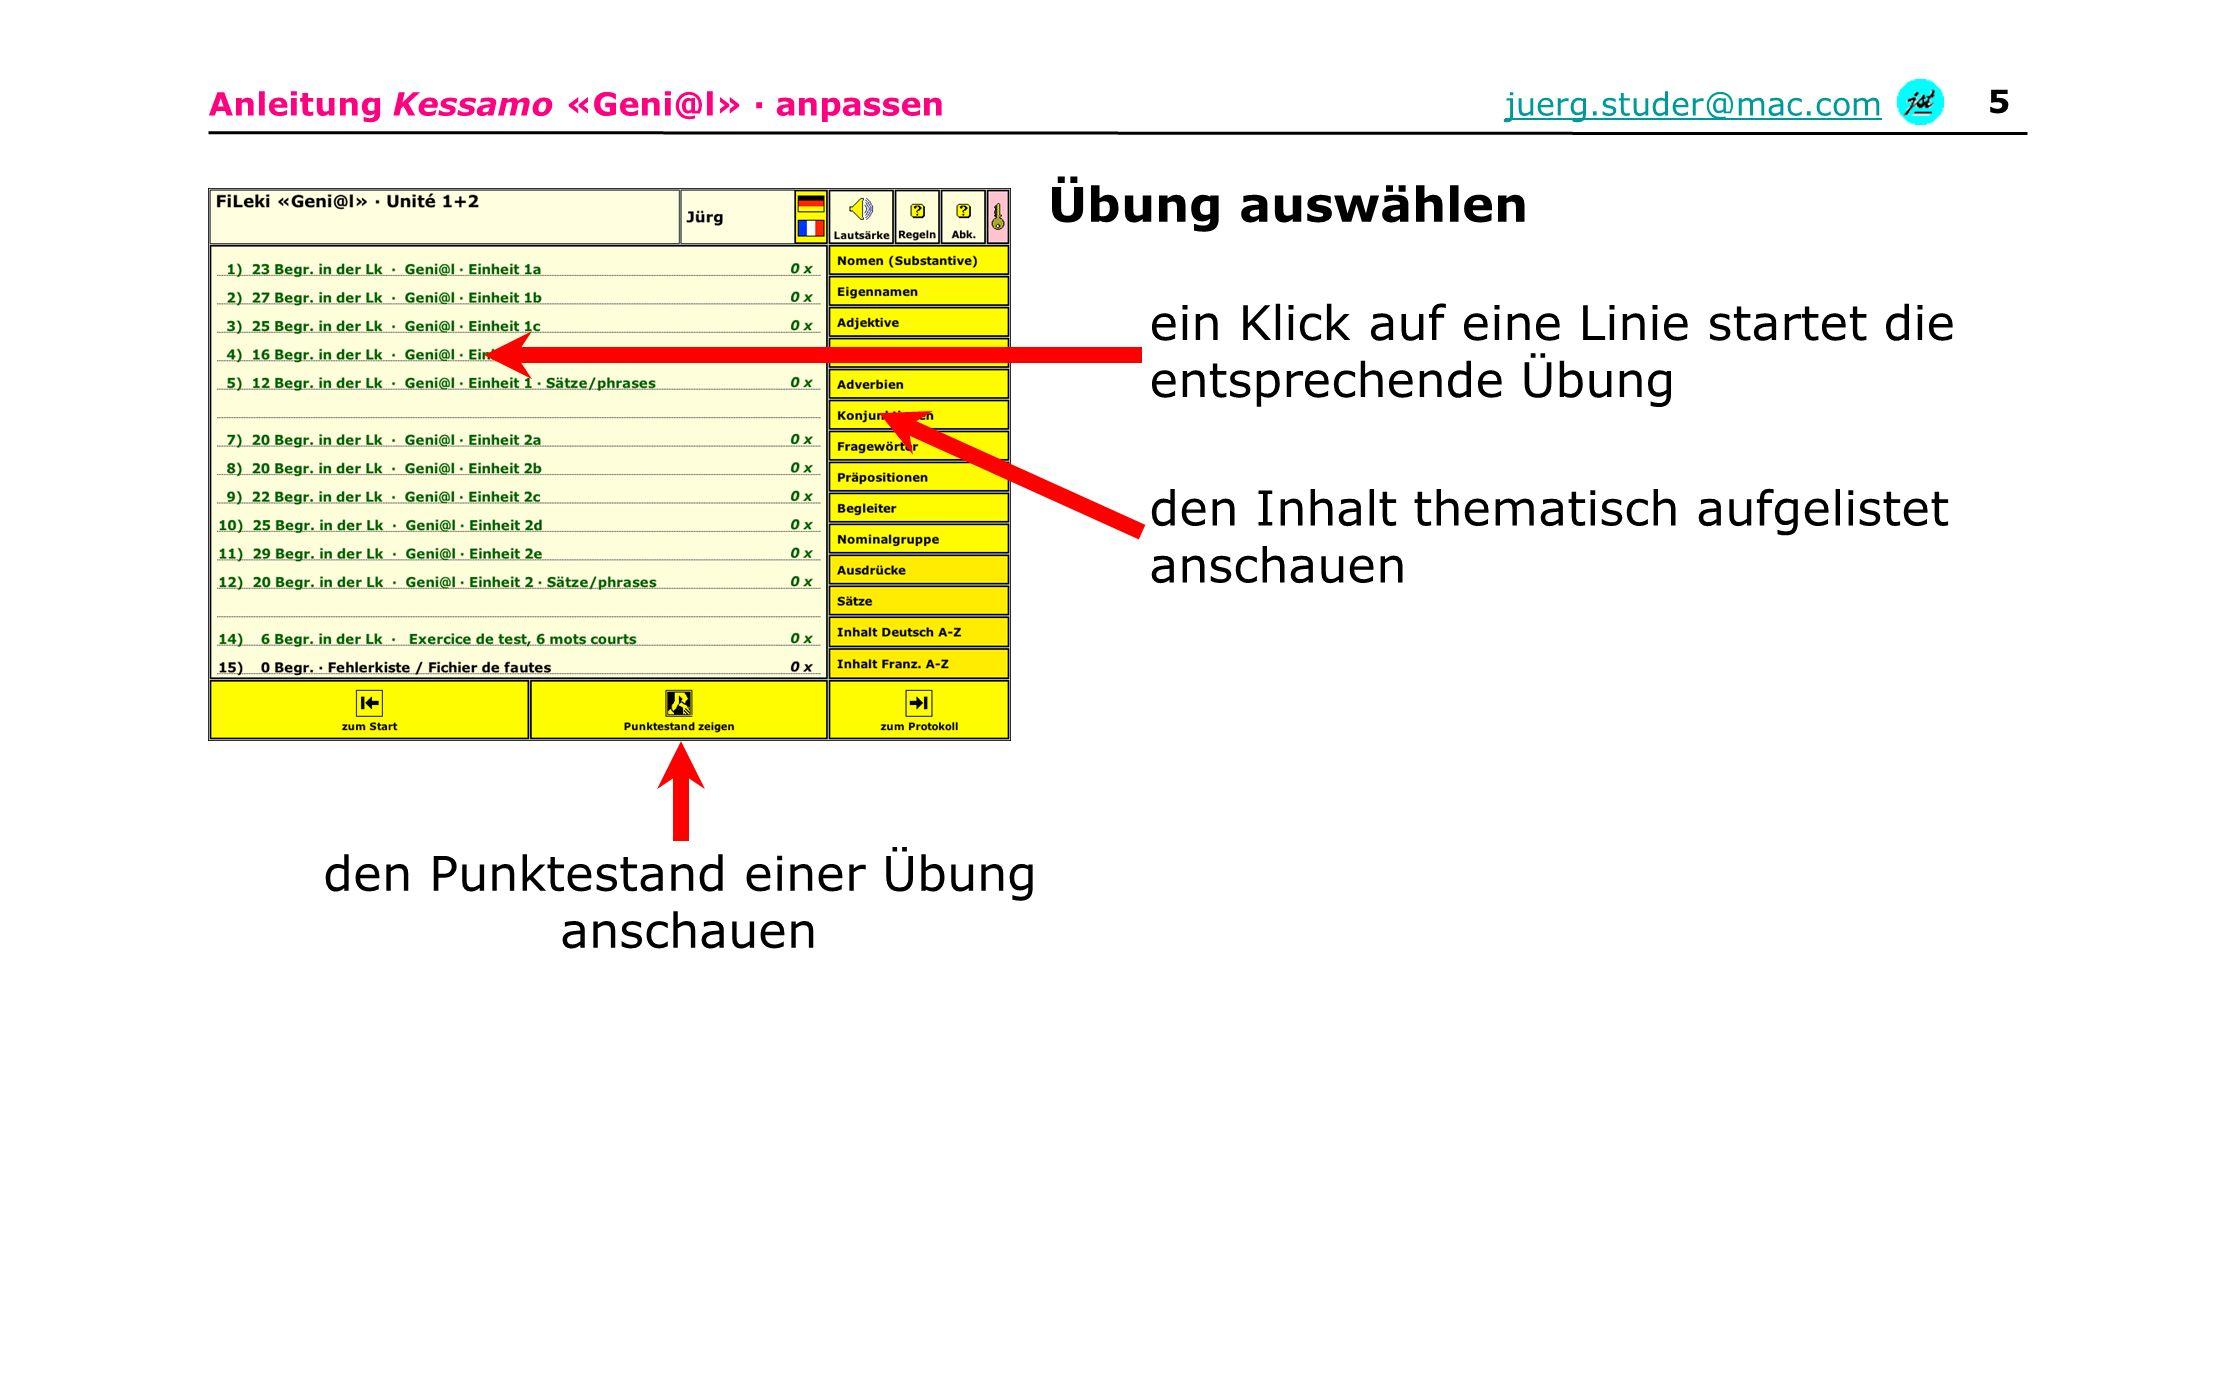 Anleitung Kessamo «Geni@l» · anpassenjuerg.studer@mac.com 5 den Punktestand einer Übung anschauen ein Klick auf eine Linie startet die entsprechende Ü